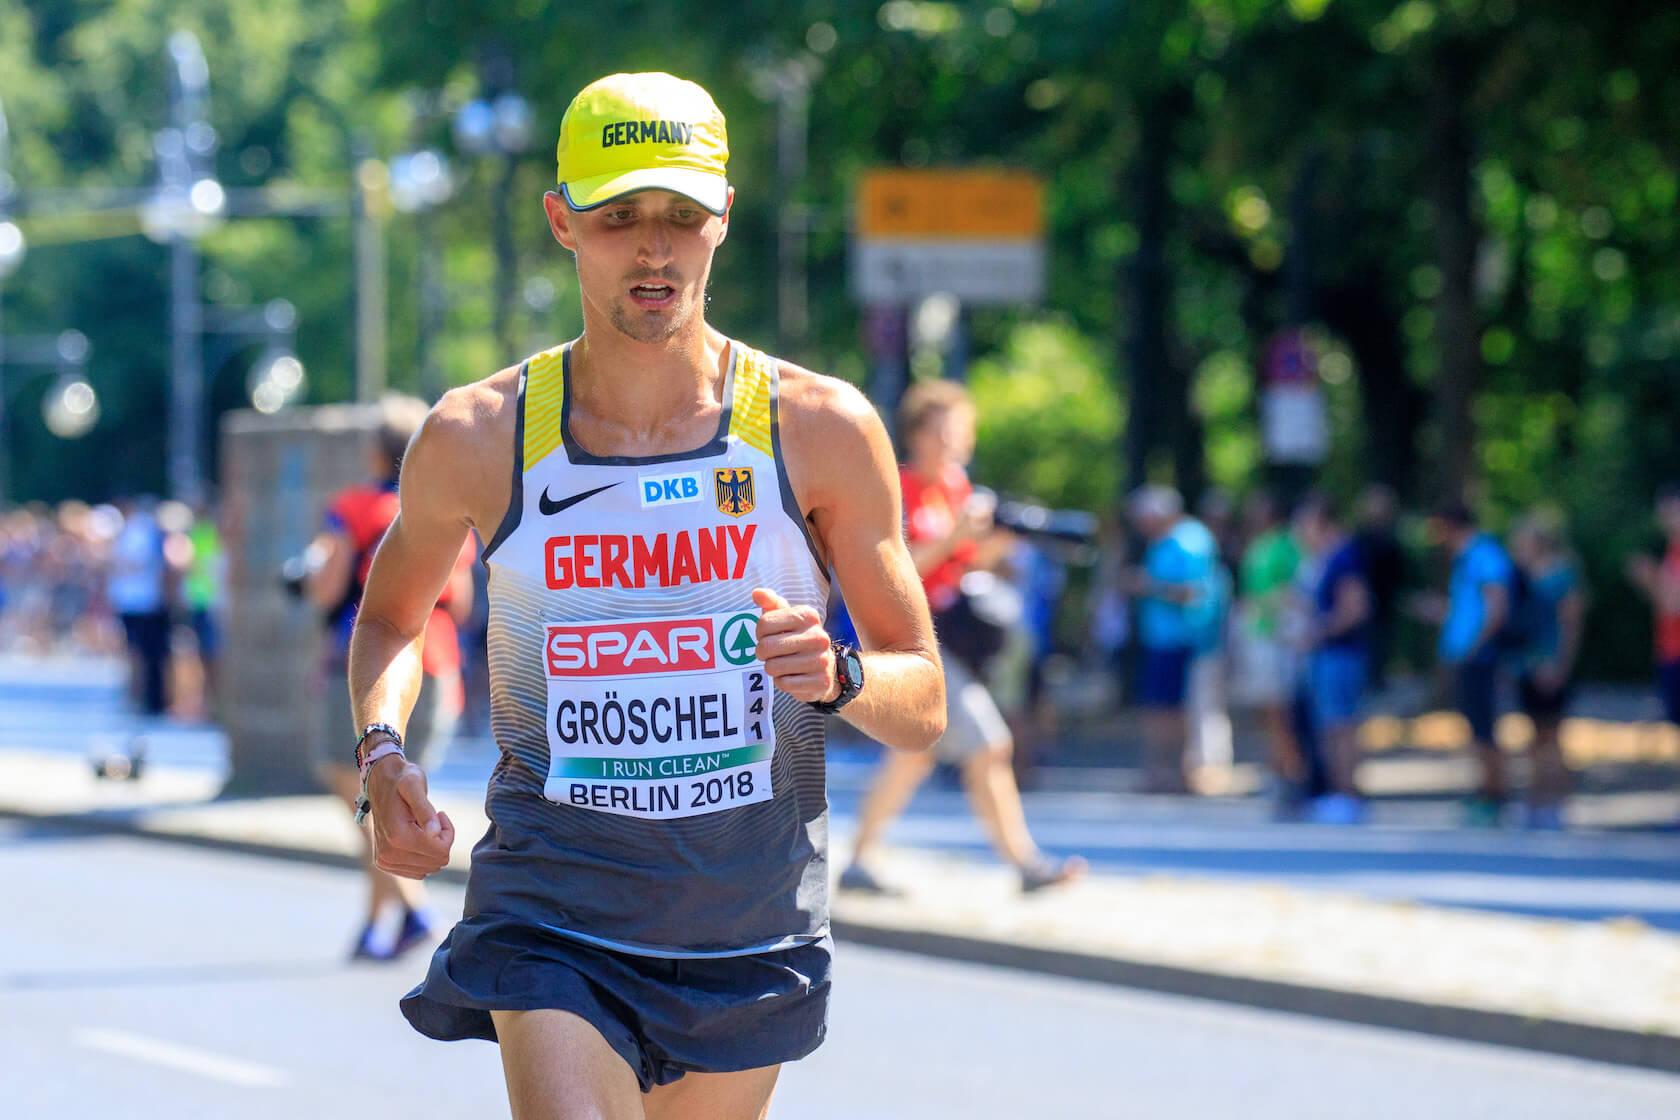 cw_sportmanagement_TomGroeschel__nw_180812_11_49_29-3-2